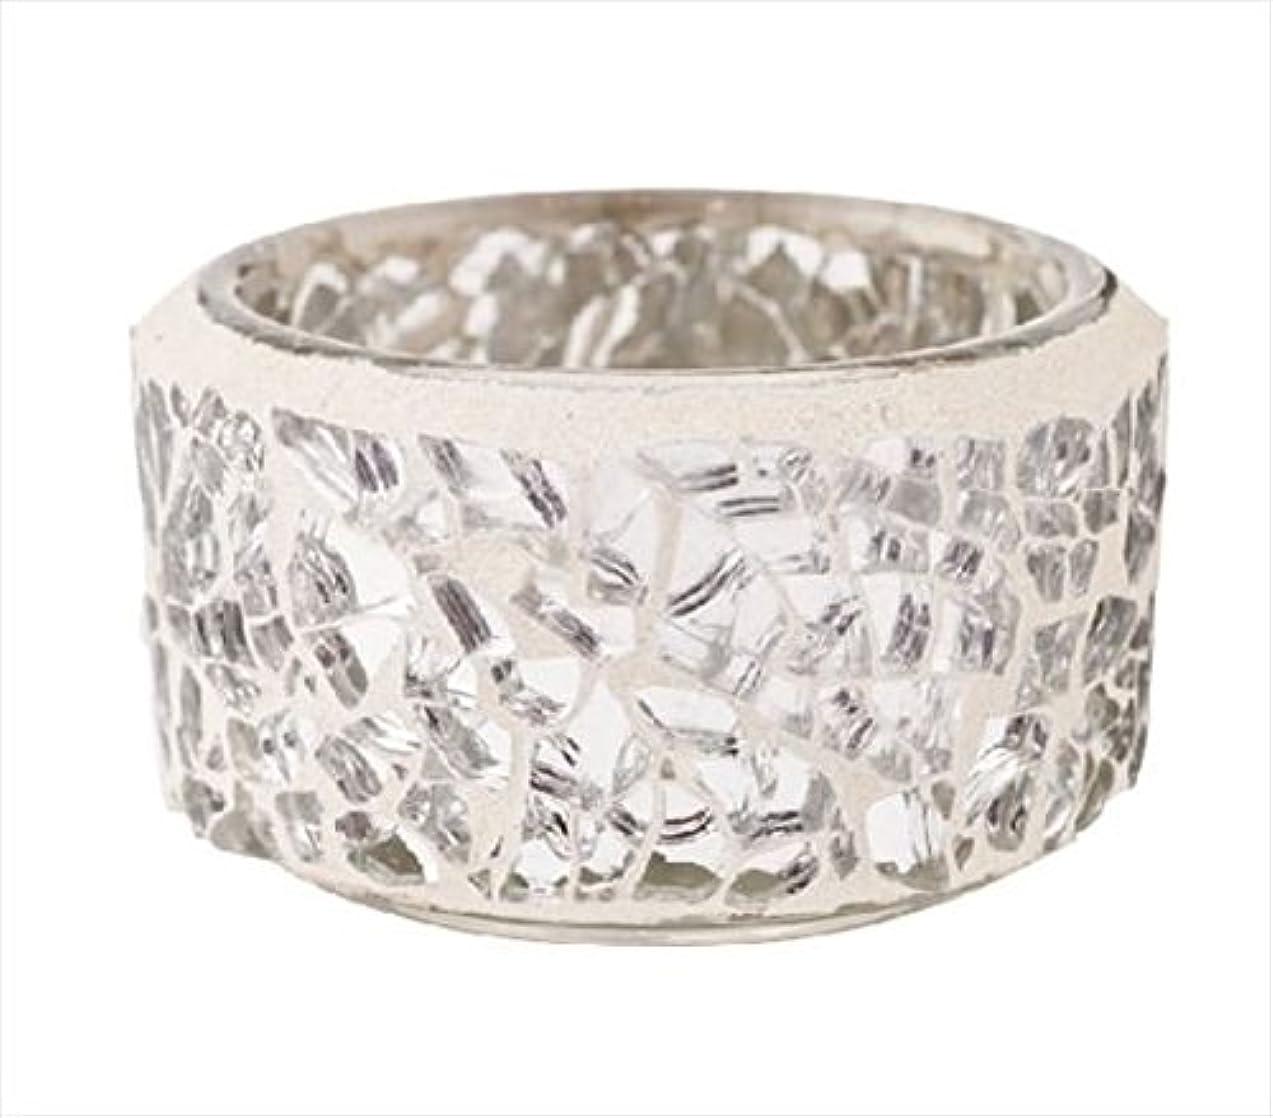 スナック落胆した杖kameyama candle(カメヤマキャンドル) ダイヤモンドクラック(J5530000)